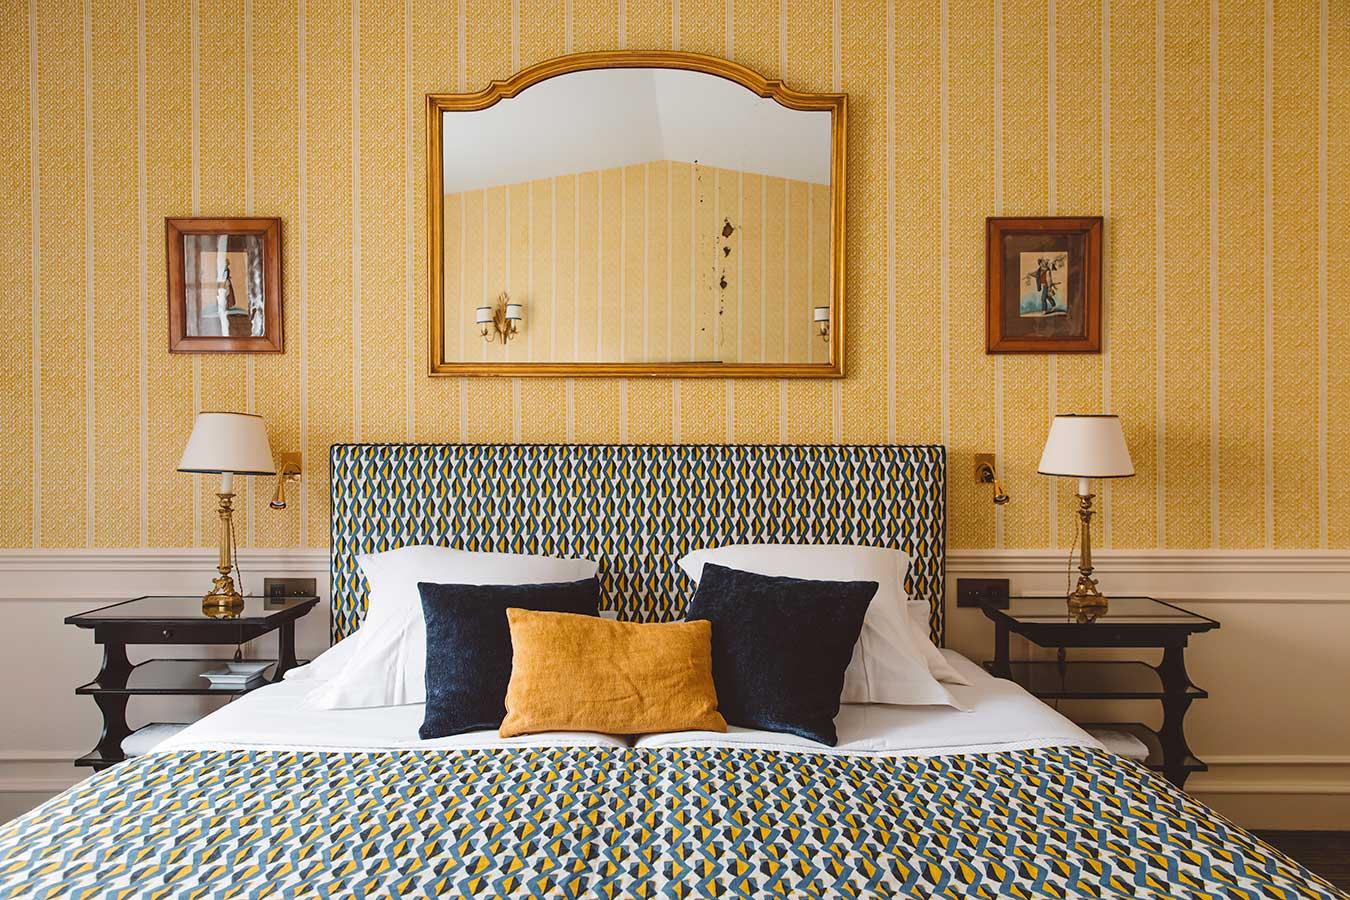 Appartement Terrasse - Grand lit, tables de chevet et lampes, grand miroir, dans une harmonie de bleu marine et jaune